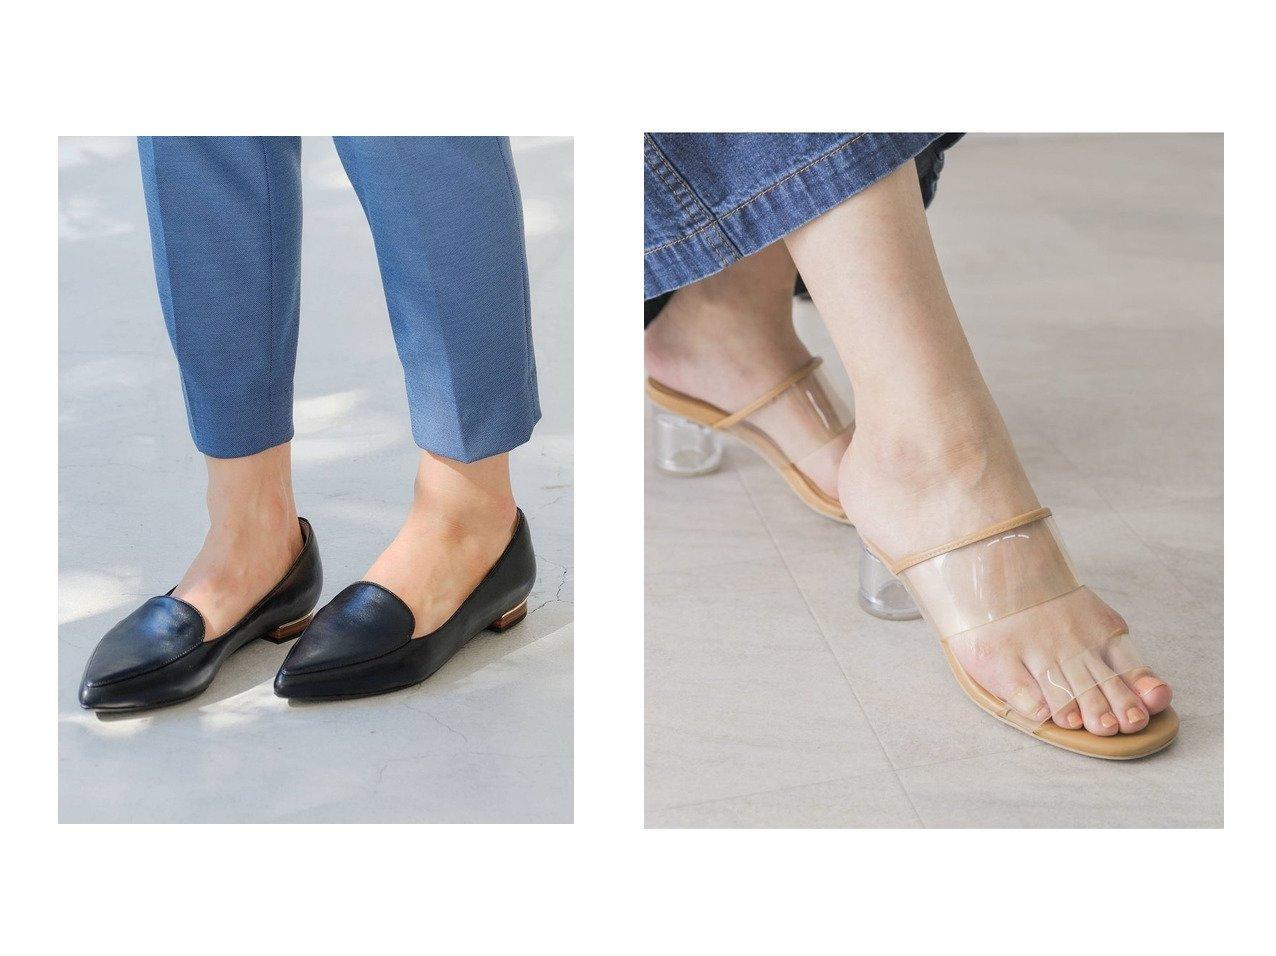 【green label relaxing / UNITED ARROWS/グリーンレーベル リラクシング / ユナイテッドアローズ】のmodel NO.00 FFC ポインテッド モカ フラット パンプス(1.5cmヒール)&【URBAN RESEARCH/アーバンリサーチ】の【一部WEB限定カラー】クリアヒールサンダル 【シューズ・靴】おすすめ!人気、トレンド・レディースファッションの通販  おすすめで人気の流行・トレンド、ファッションの通販商品 メンズファッション・キッズファッション・インテリア・家具・レディースファッション・服の通販 founy(ファニー) https://founy.com/ ファッション Fashion レディースファッション WOMEN 春 Spring サンダル シューズ ミュール S/S・春夏 SS・Spring/Summer クッション フォルム フラット ポインテッド おすすめ Recommend |ID:crp329100000034625